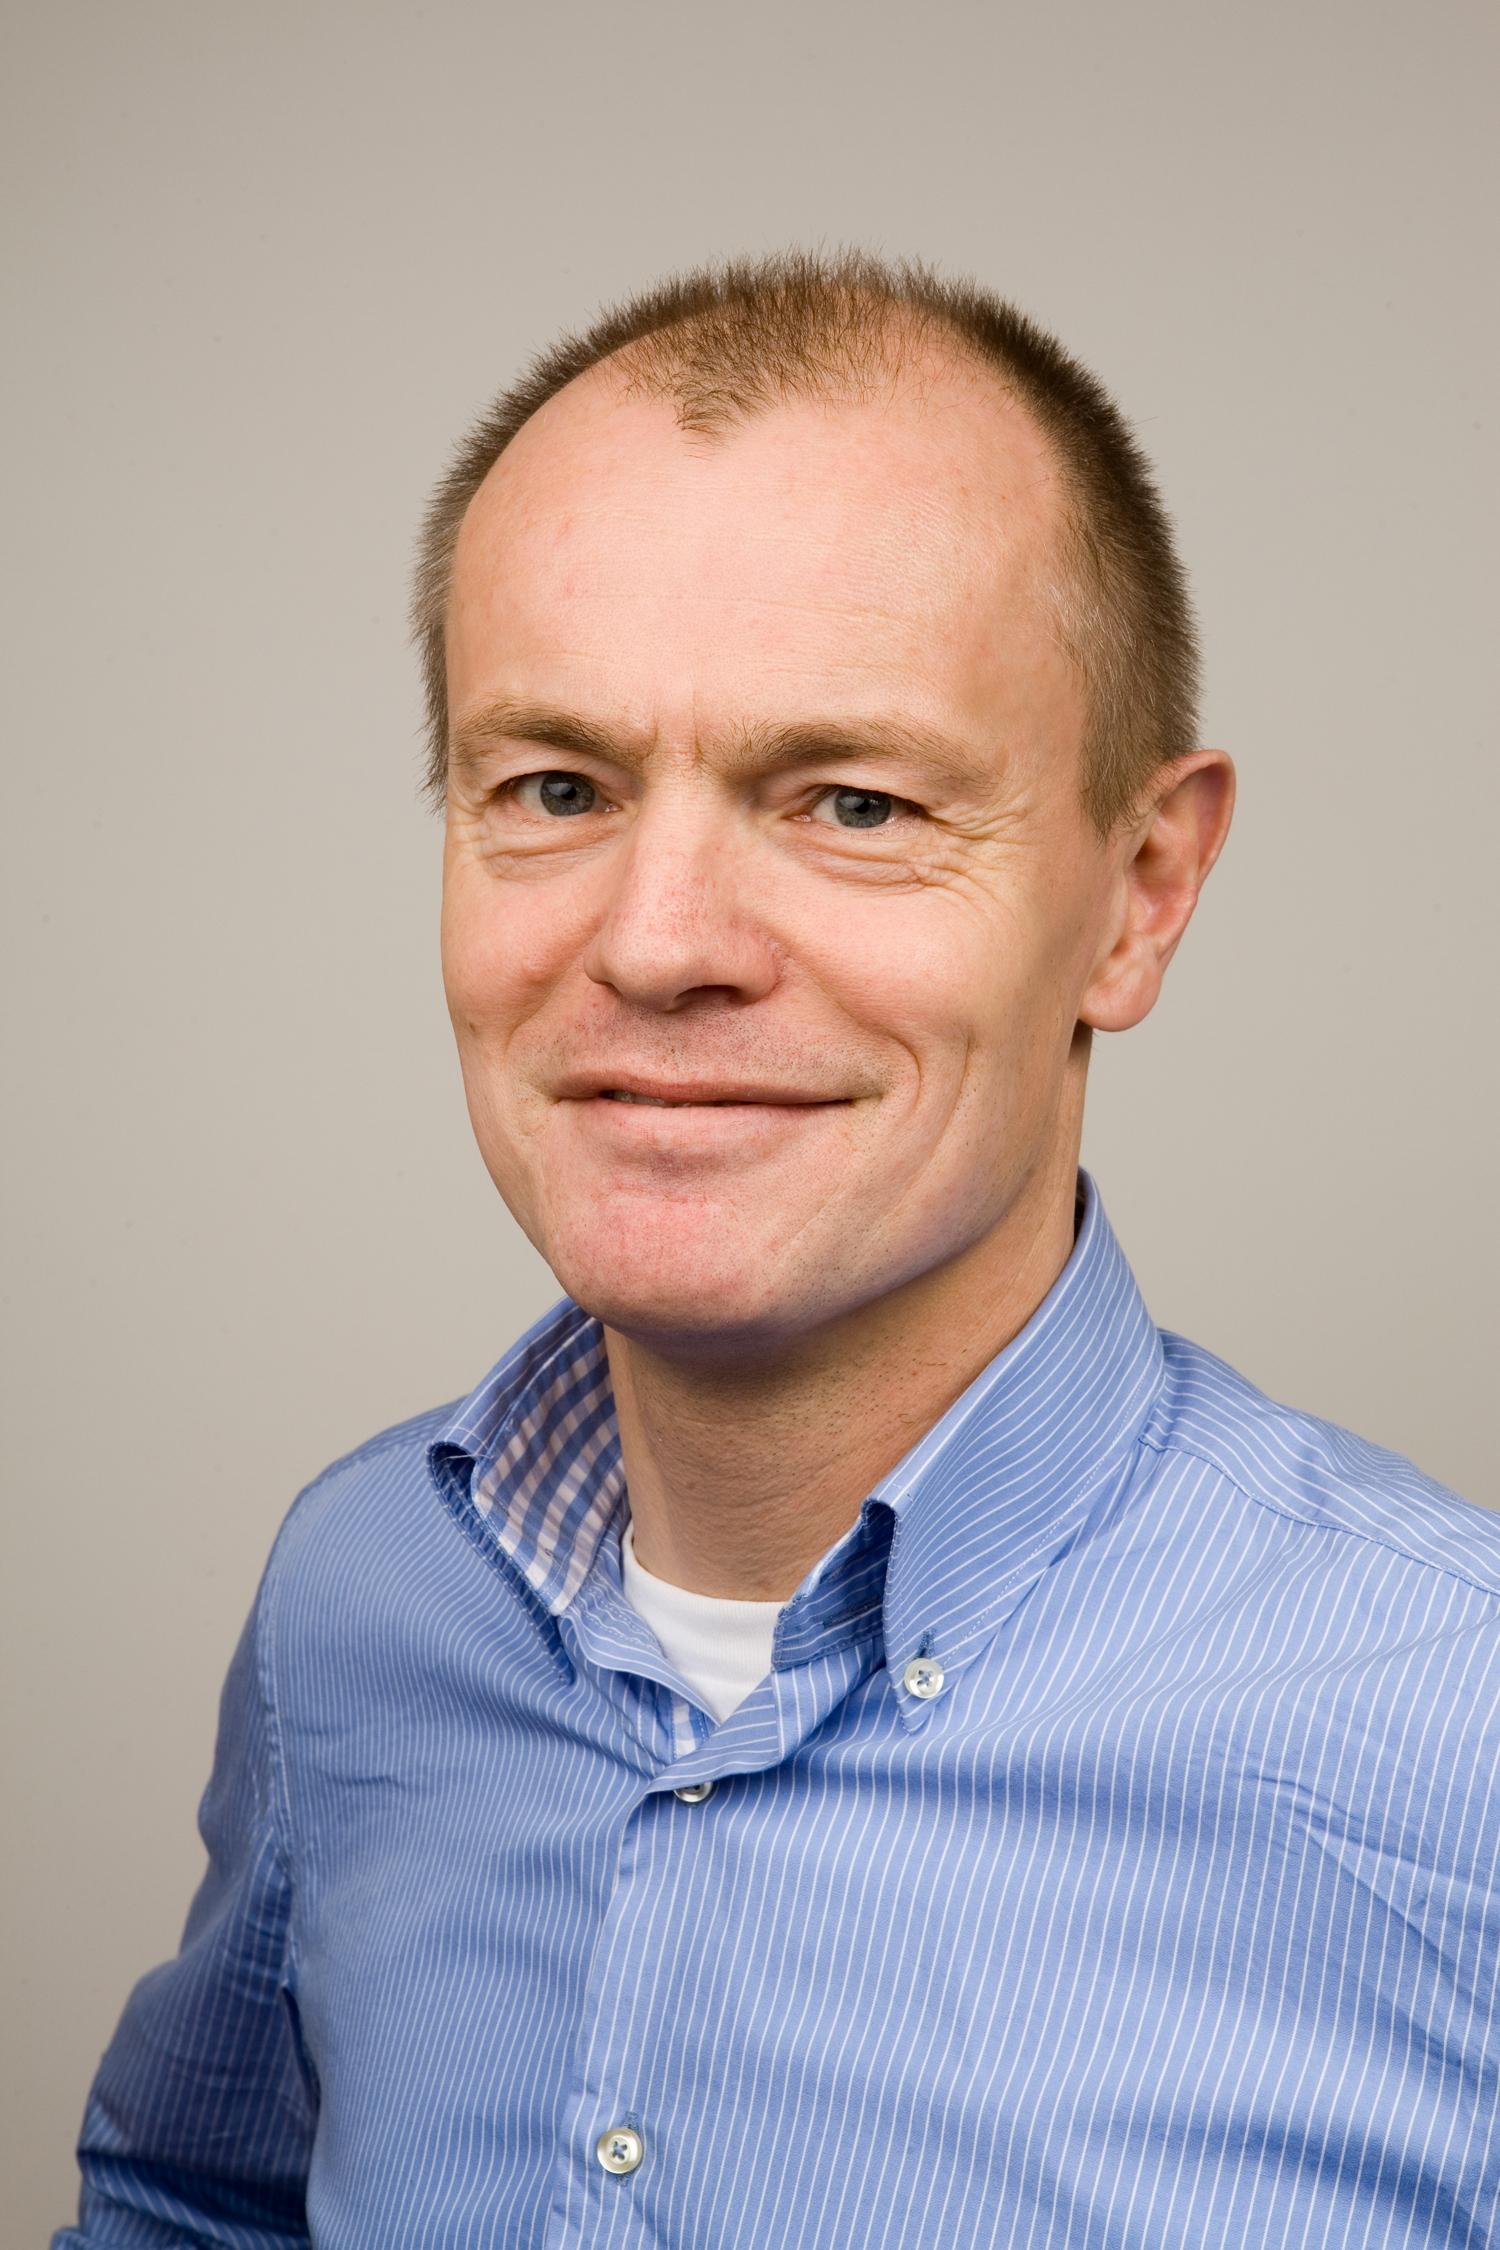 Dirk Duncker